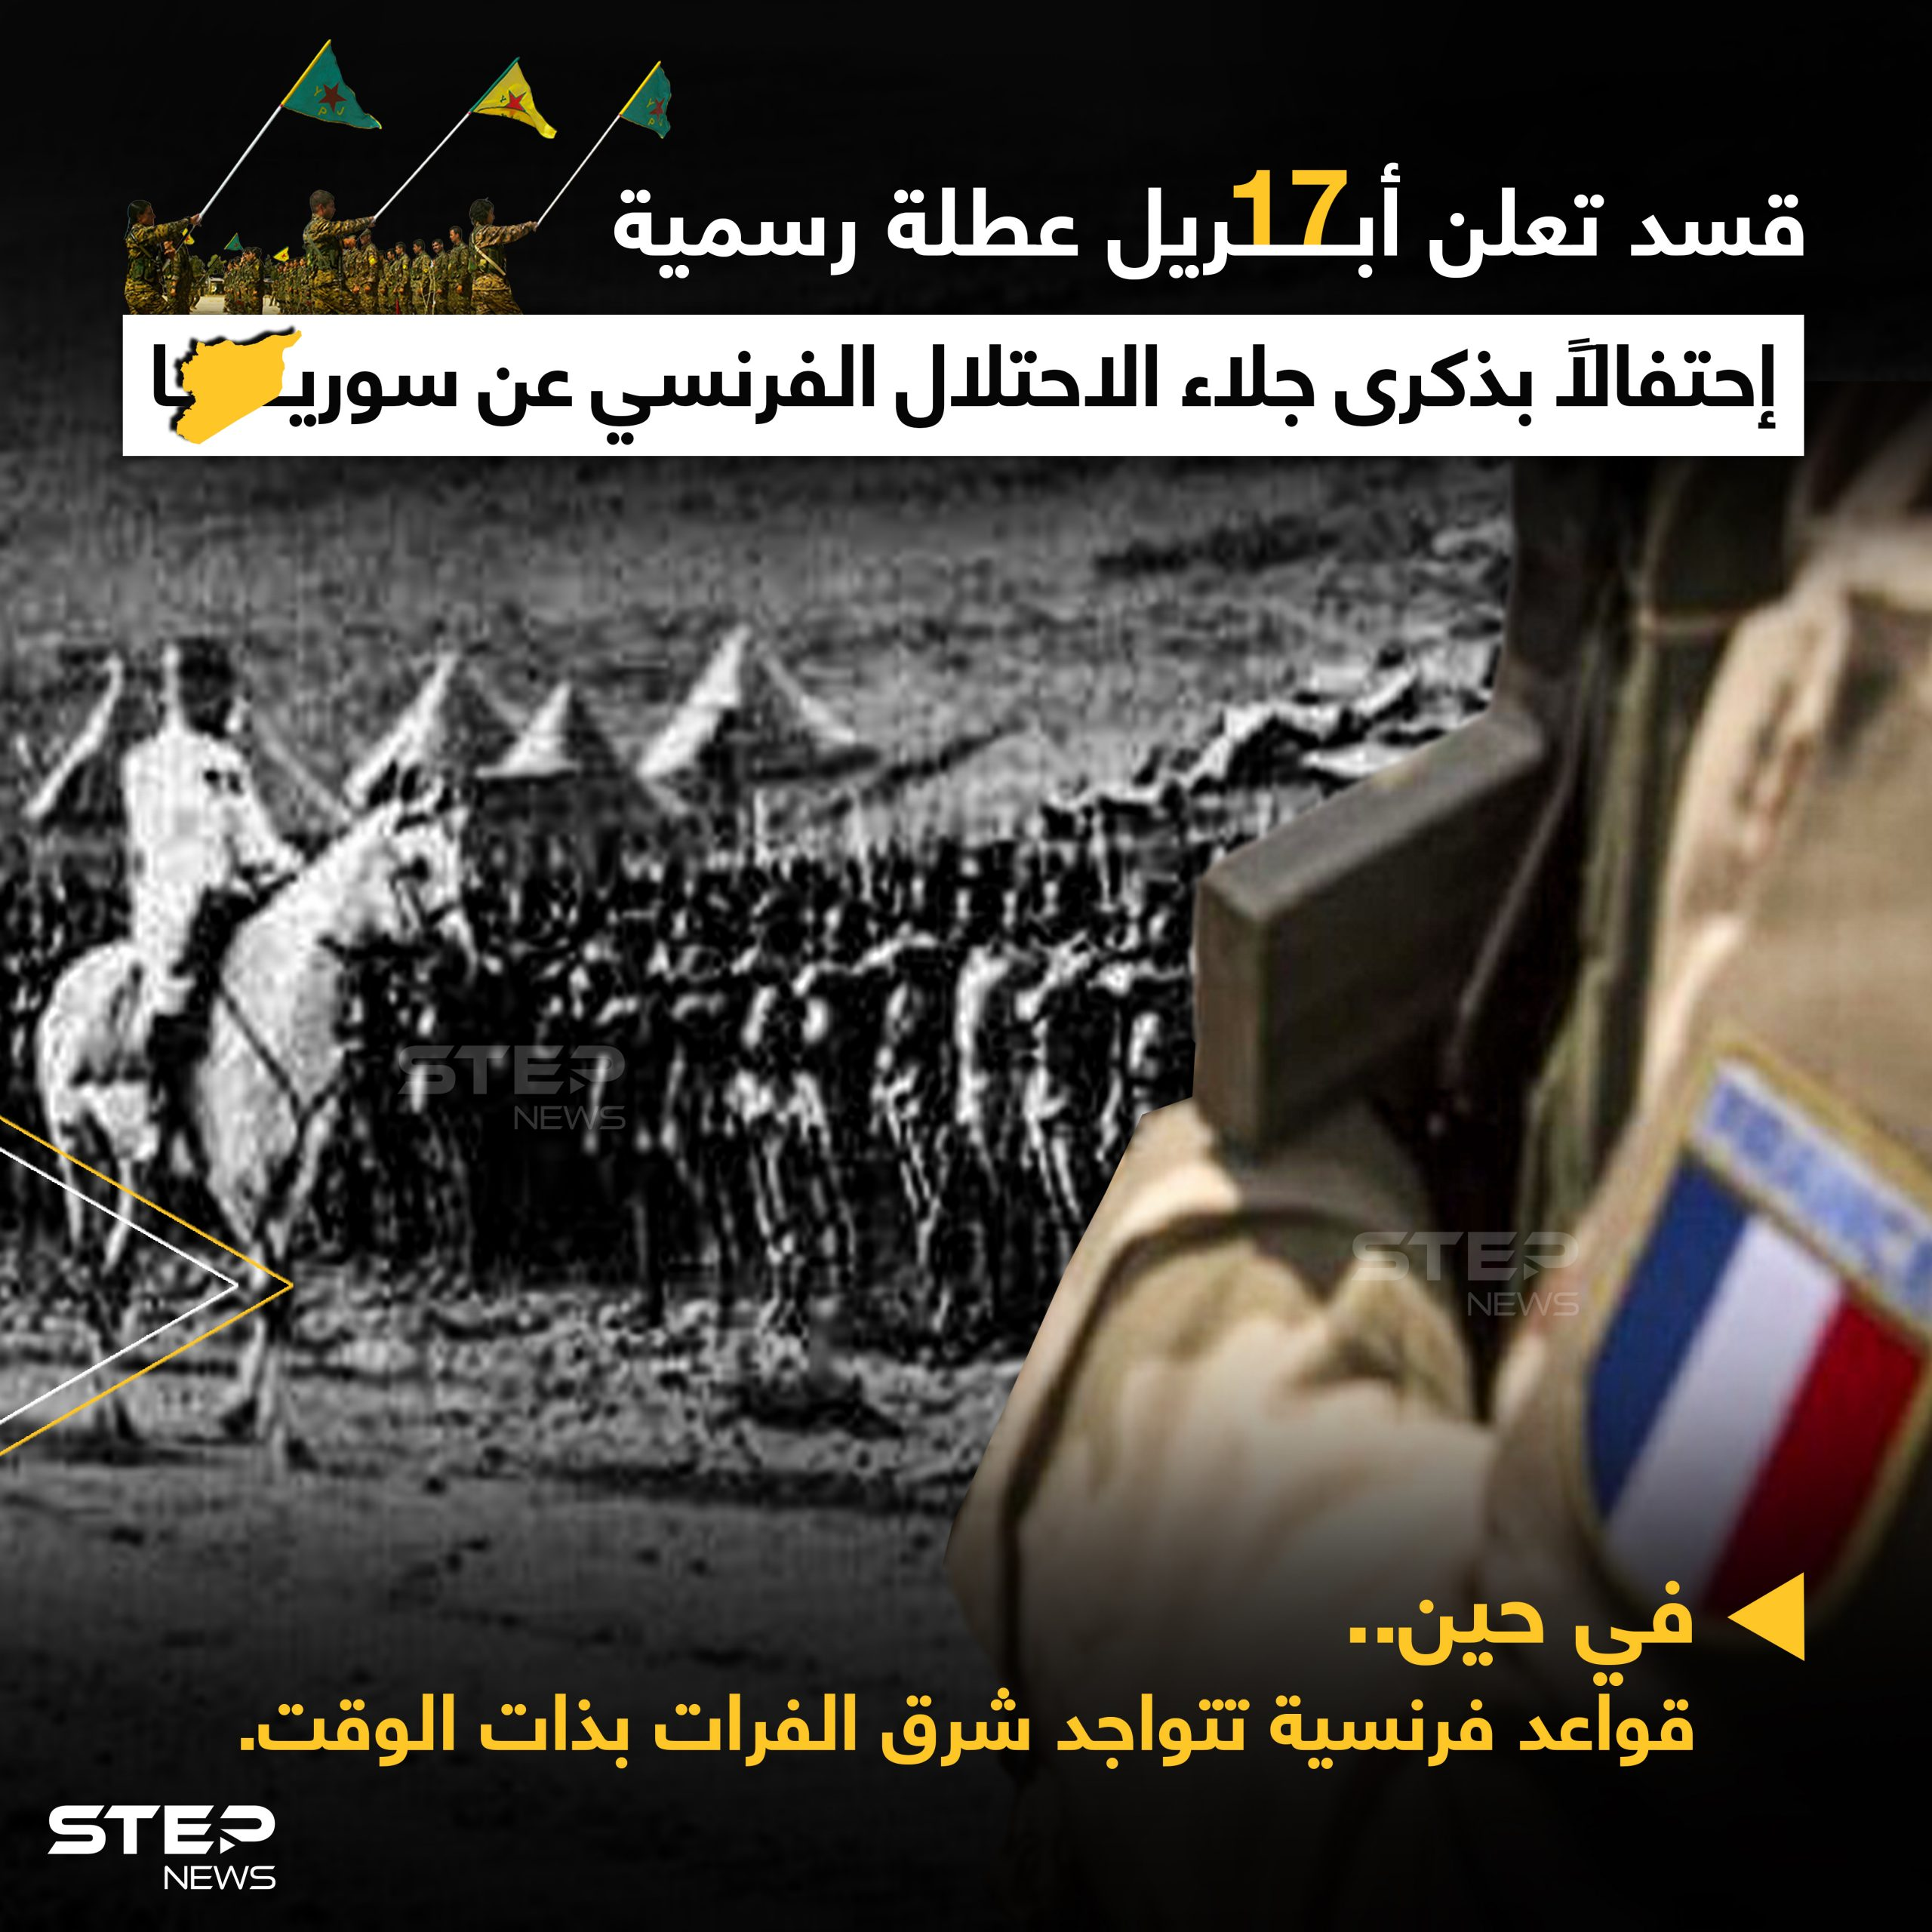 قسد تحتفل بالذكرى ٧٥ لجلاء الفرنسيين عن سوريا... وبذات الوقت تحتضن قواعد فرنسية بمناطق سيطرتها شمال شرق نهر الفرات